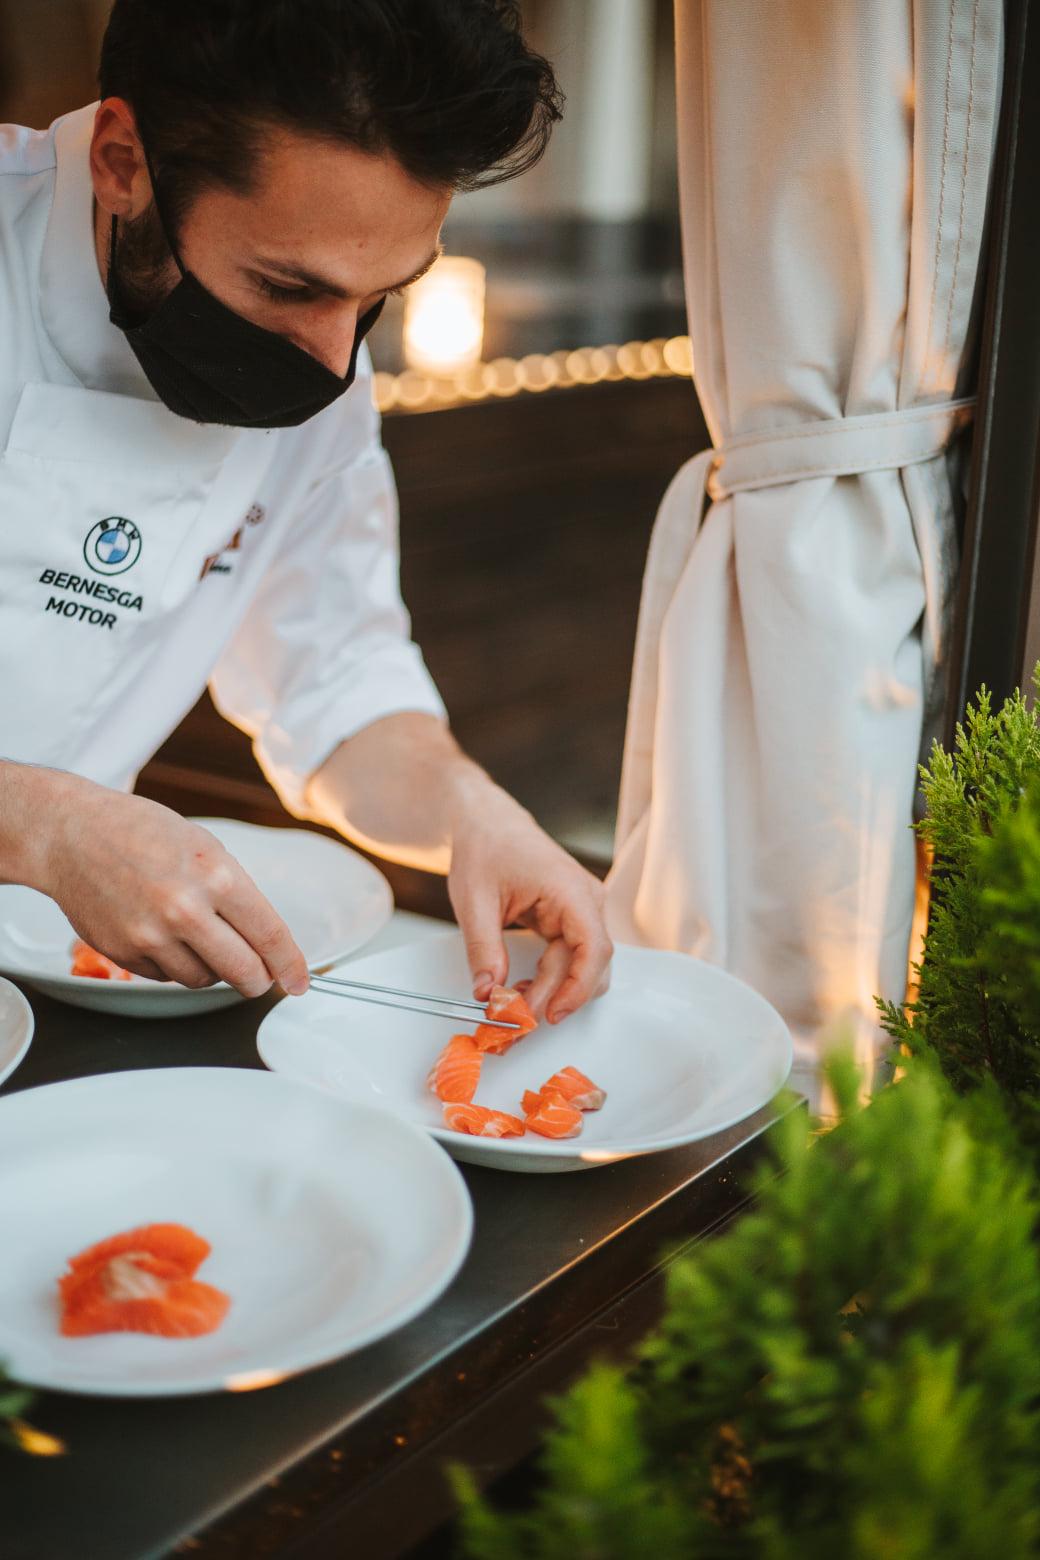 La noche de cocina Nikkei en el restaurante La Violeta, un evento culinario de primer nivel 32